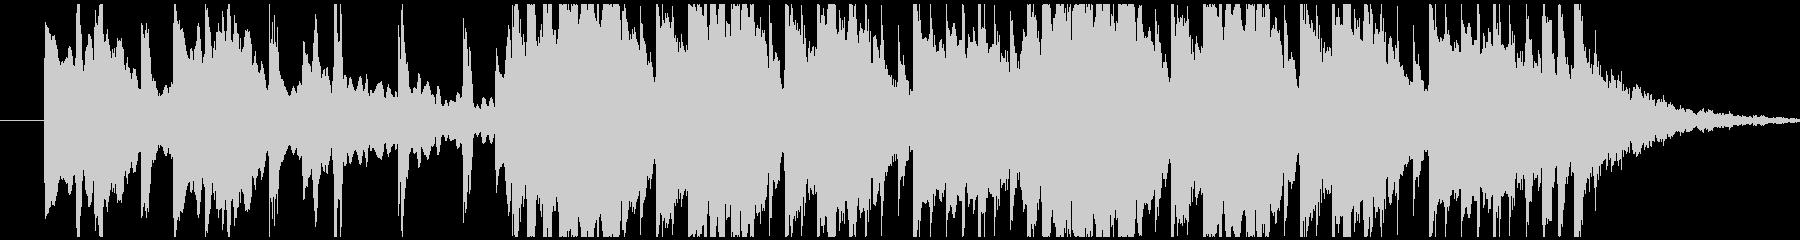 コミカルで転がるようなサウンドのBGMの未再生の波形